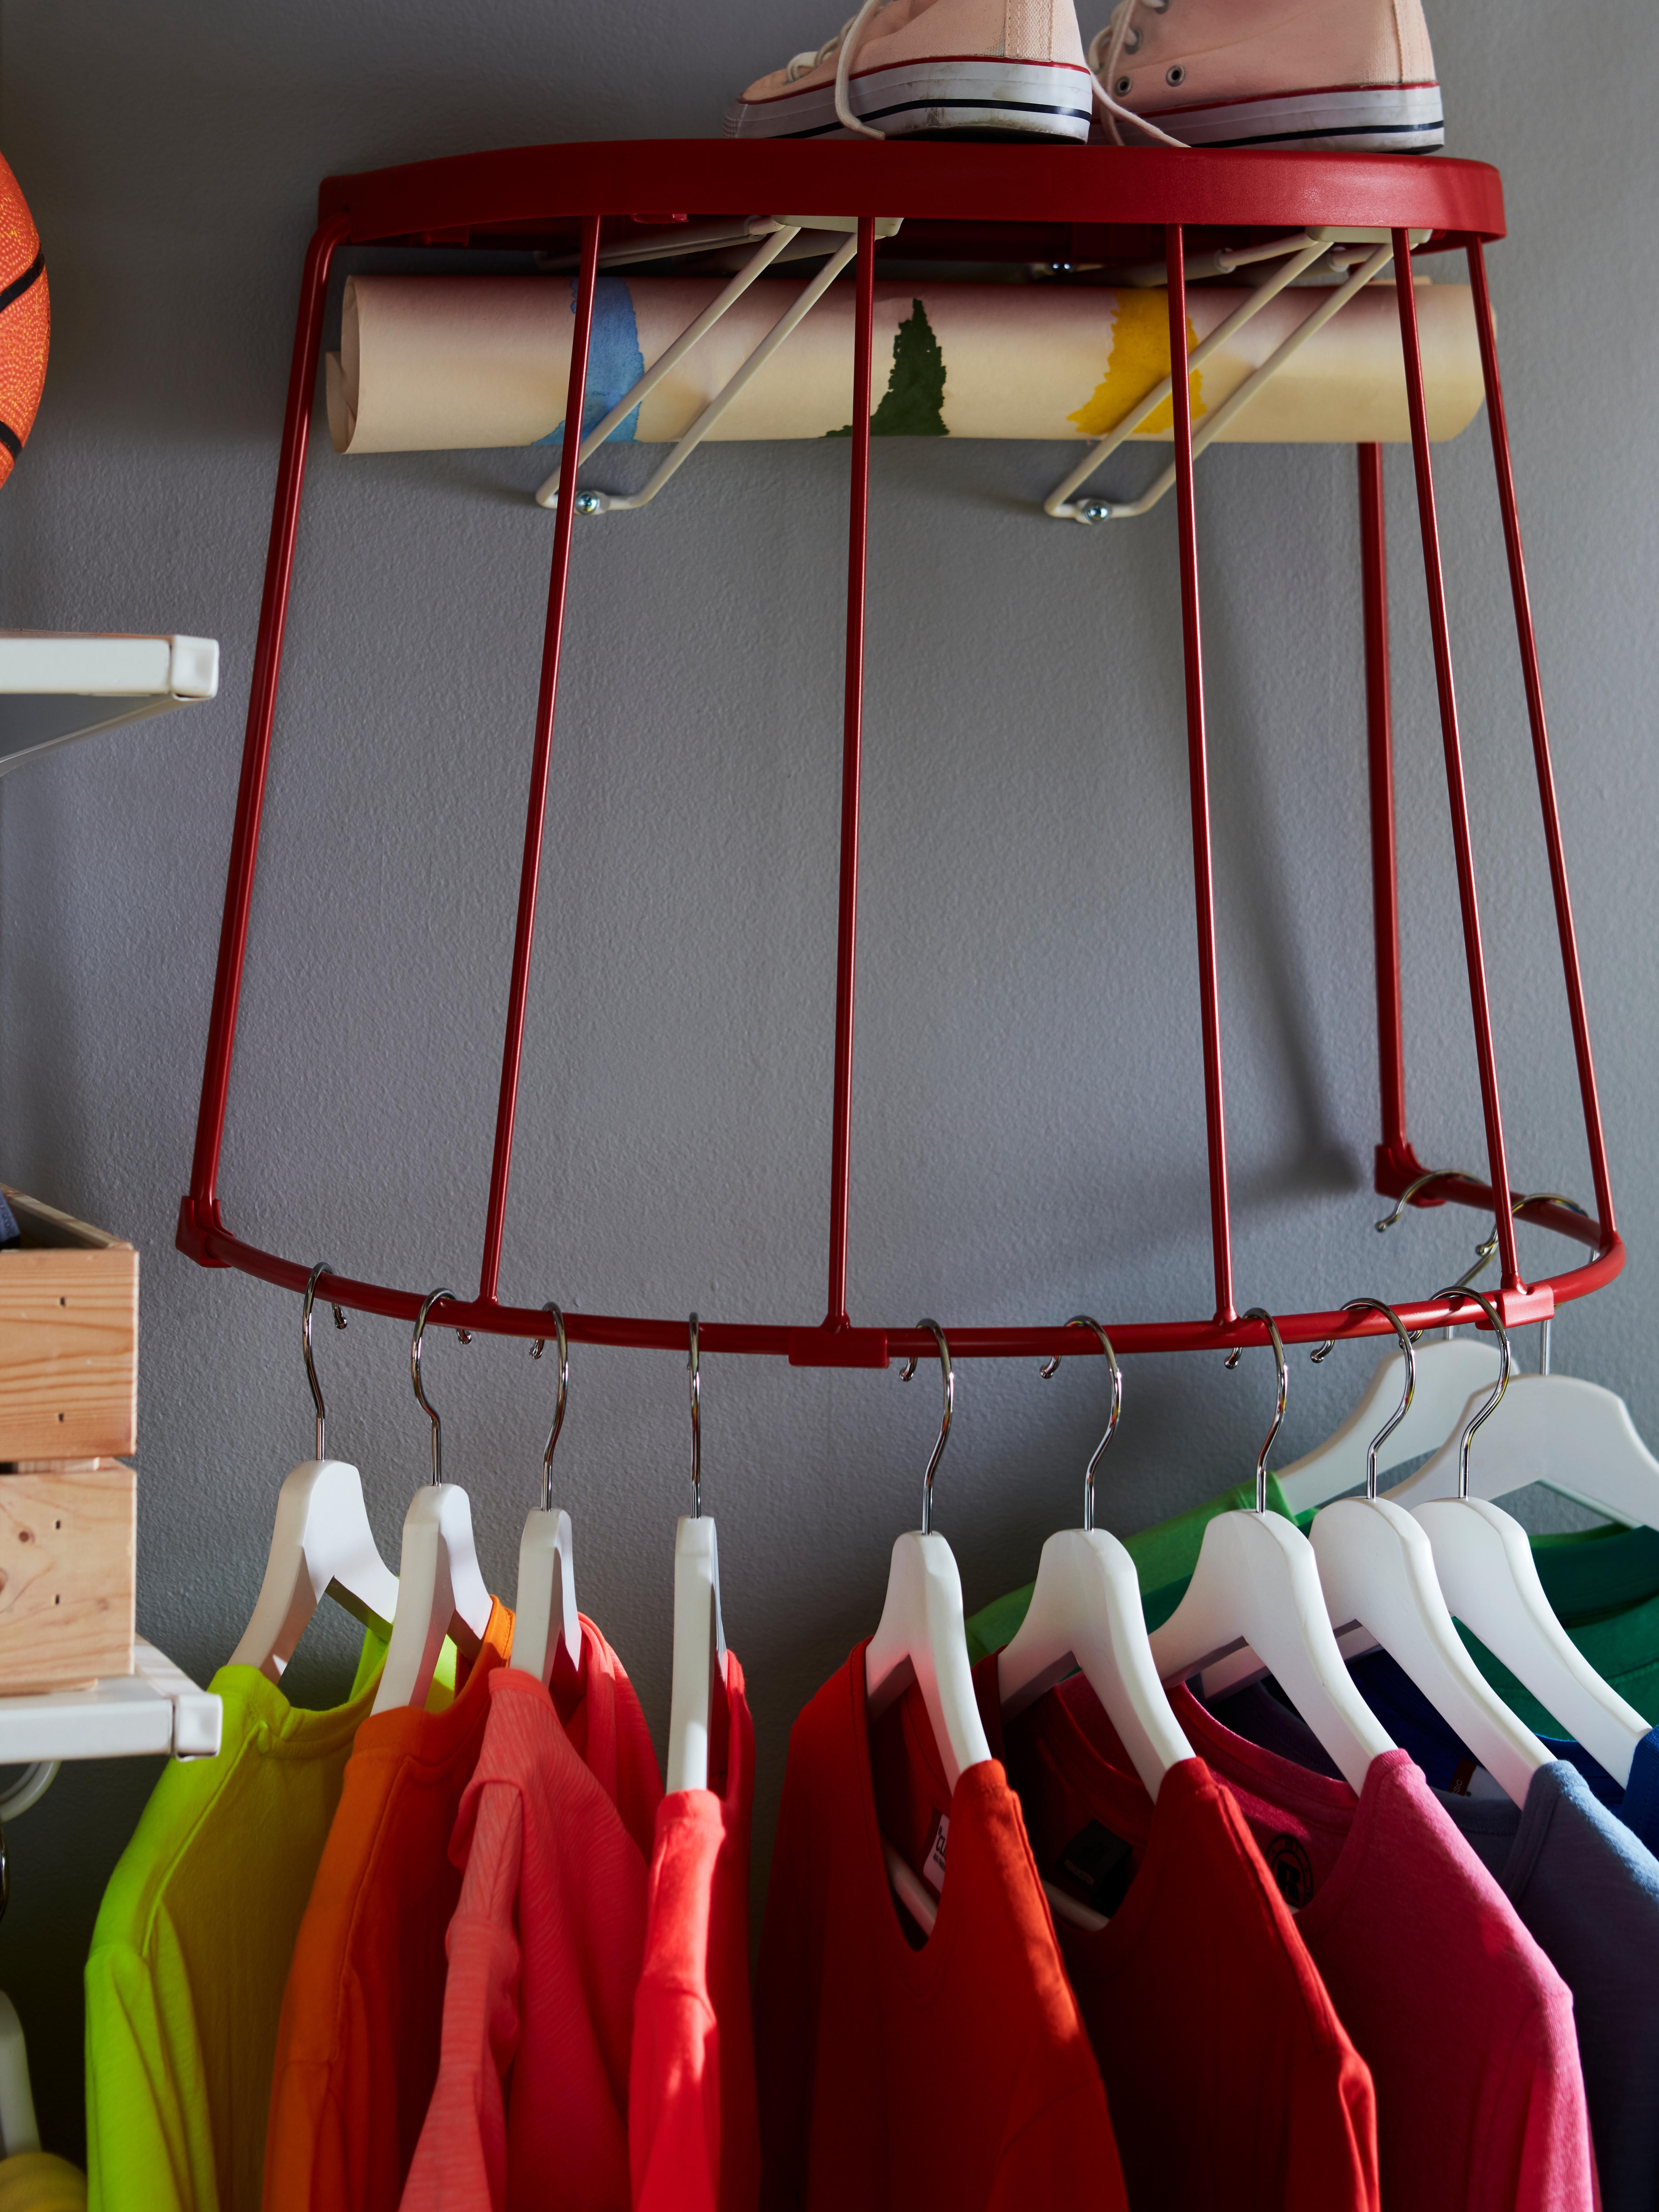 Ein roter TRANARÖ Hocker/Beistelltisch für innen und außen ist wie ein Regal an eine Wand montiert. An seinem halbkreisförmigen Fuß hängen Kleider.